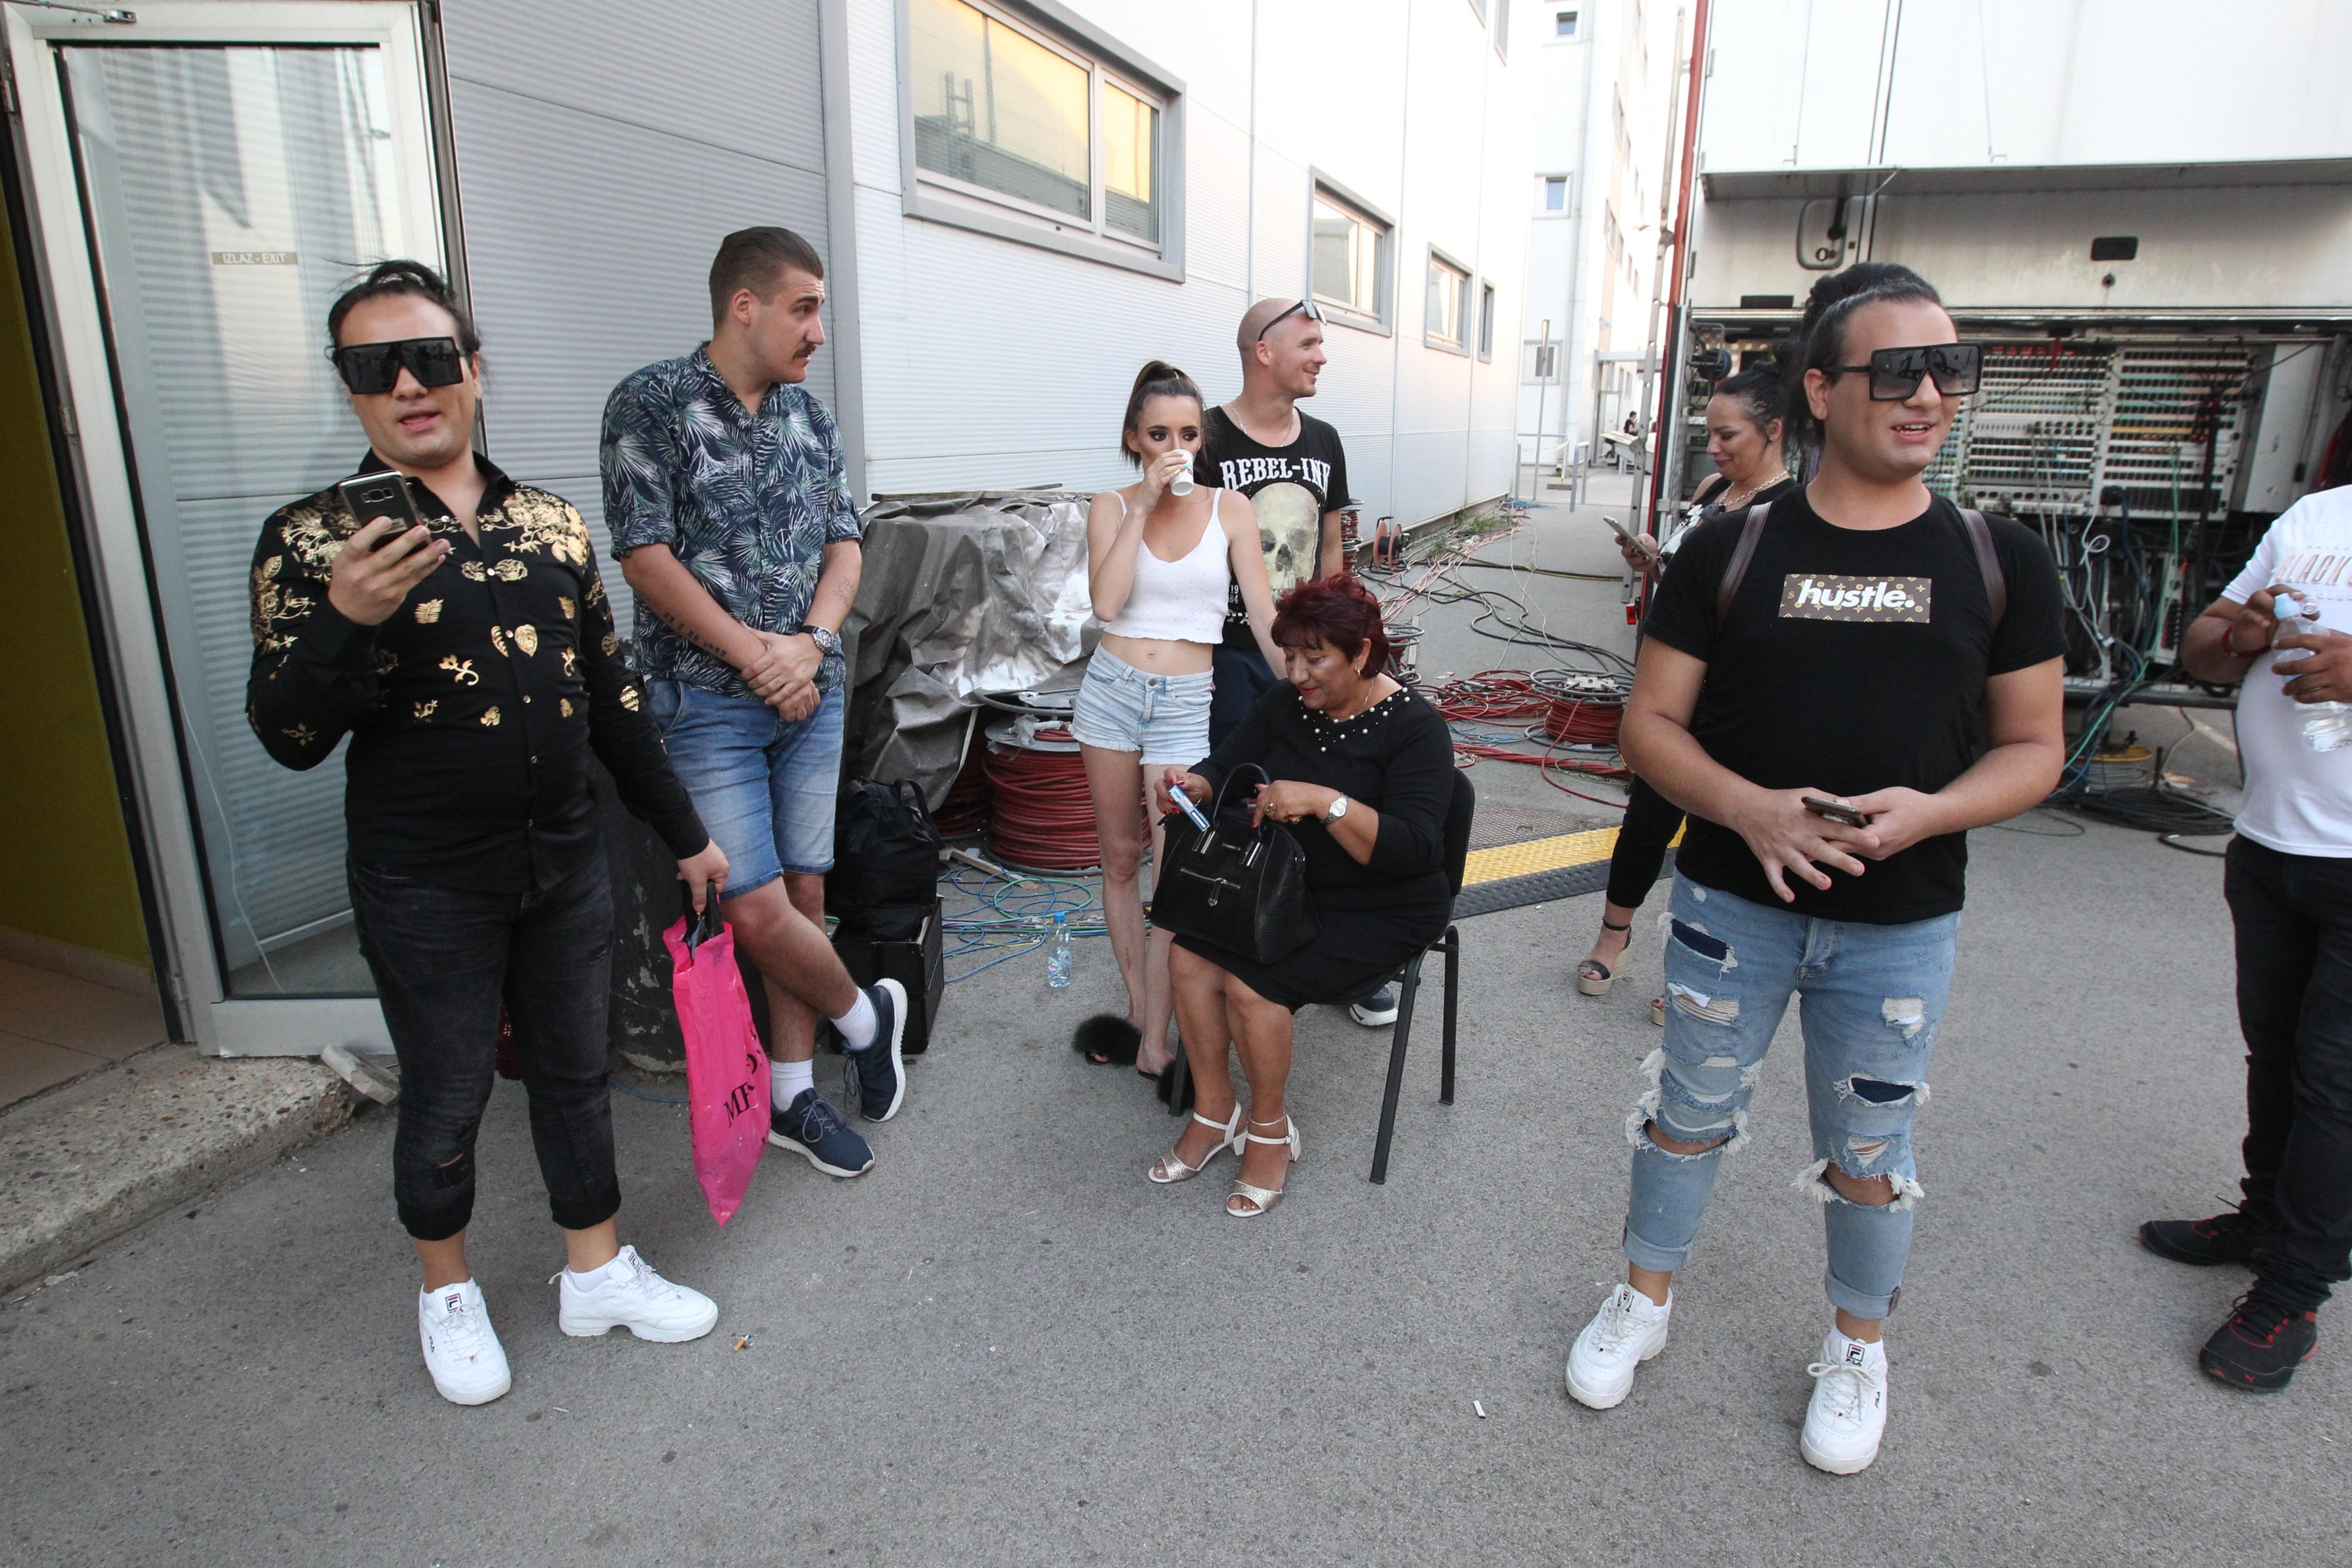 Porodica Vasić ulazi u Zadrugu 4, a evo kako izgleda NJIHOV DOM!